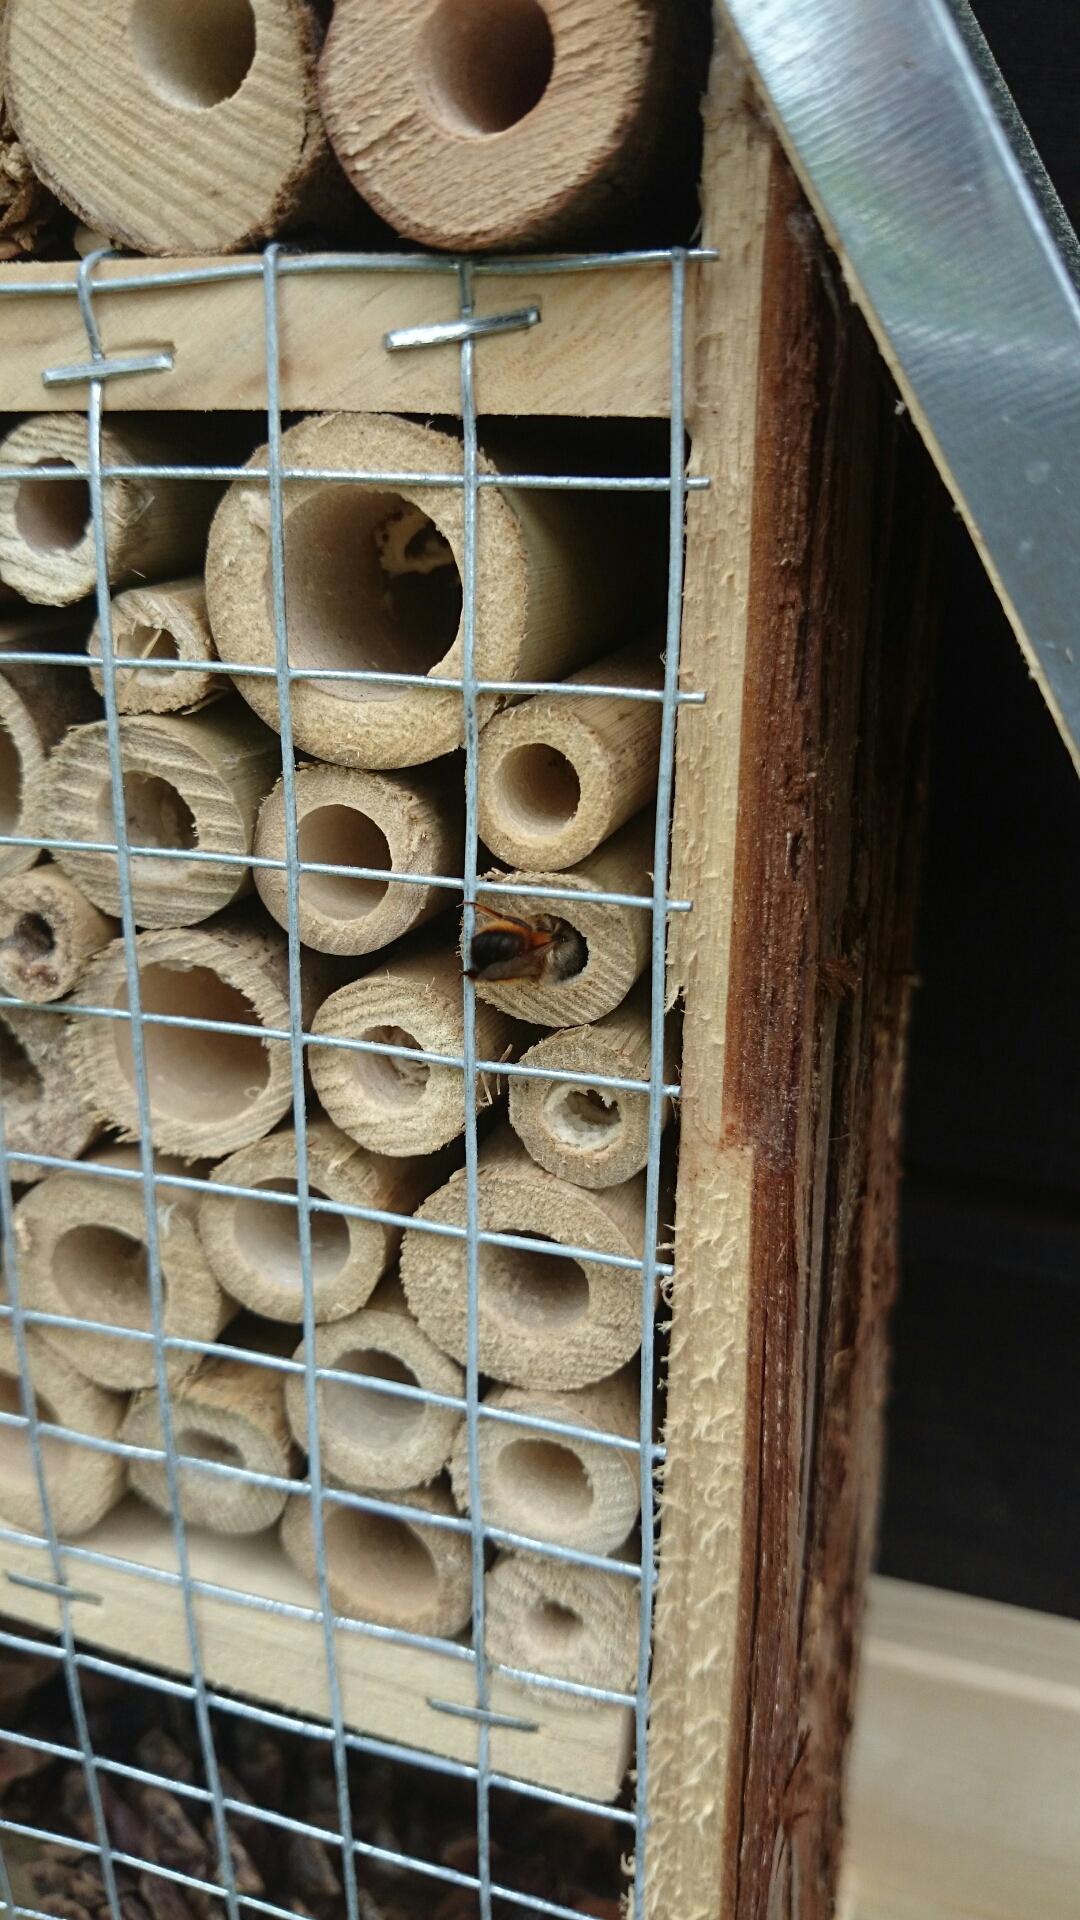 Das Insektenhotel ist schon bewohnt